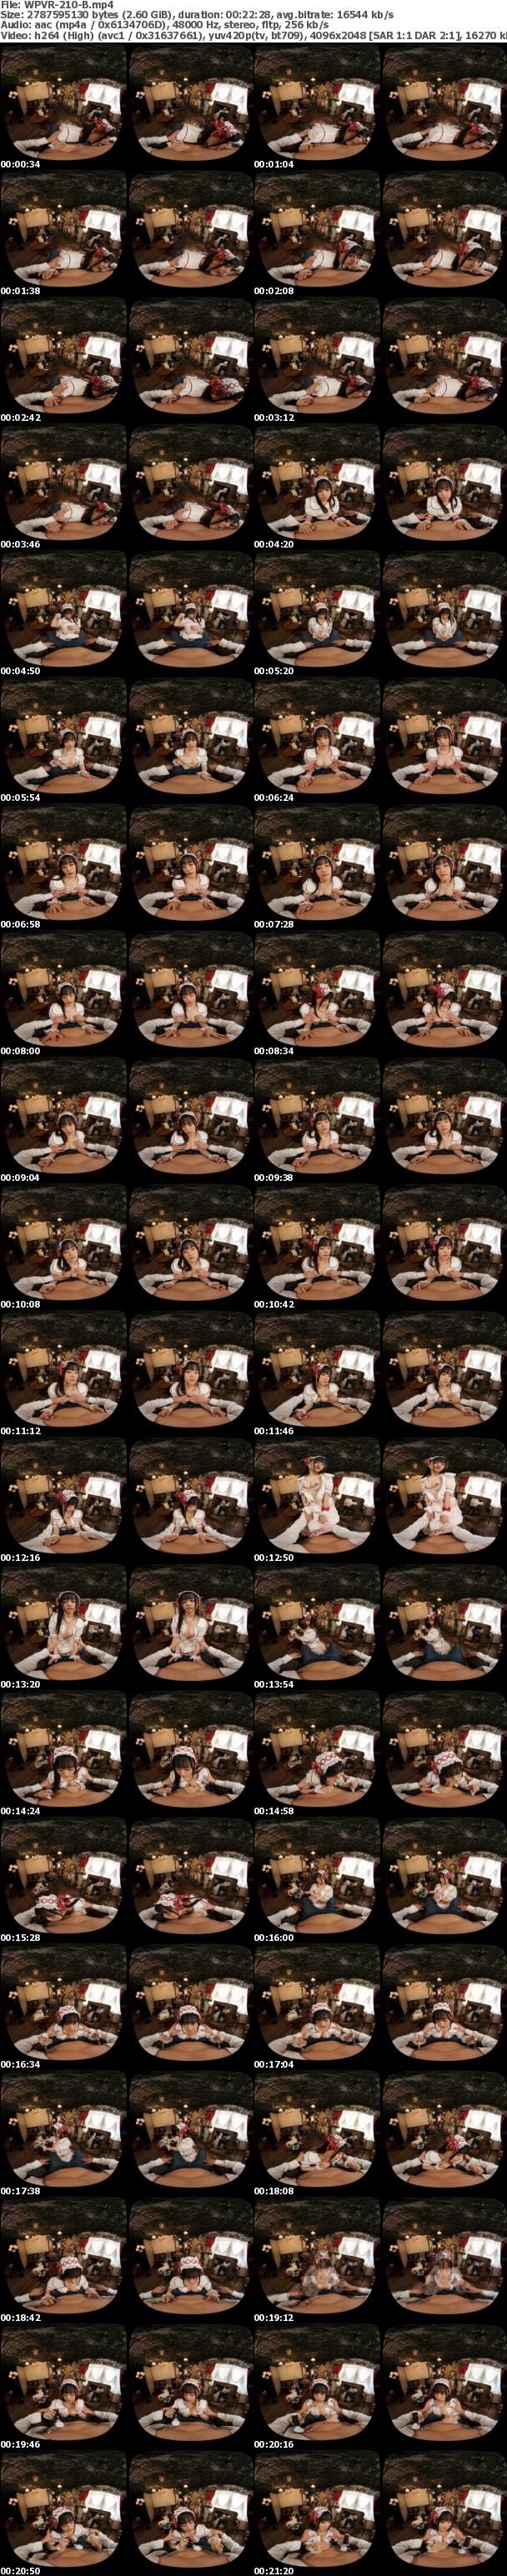 (VR) WPVR-210 乳首をひたすらにご奉仕してくれる…僕だけのロリィタメイド 花音うらら